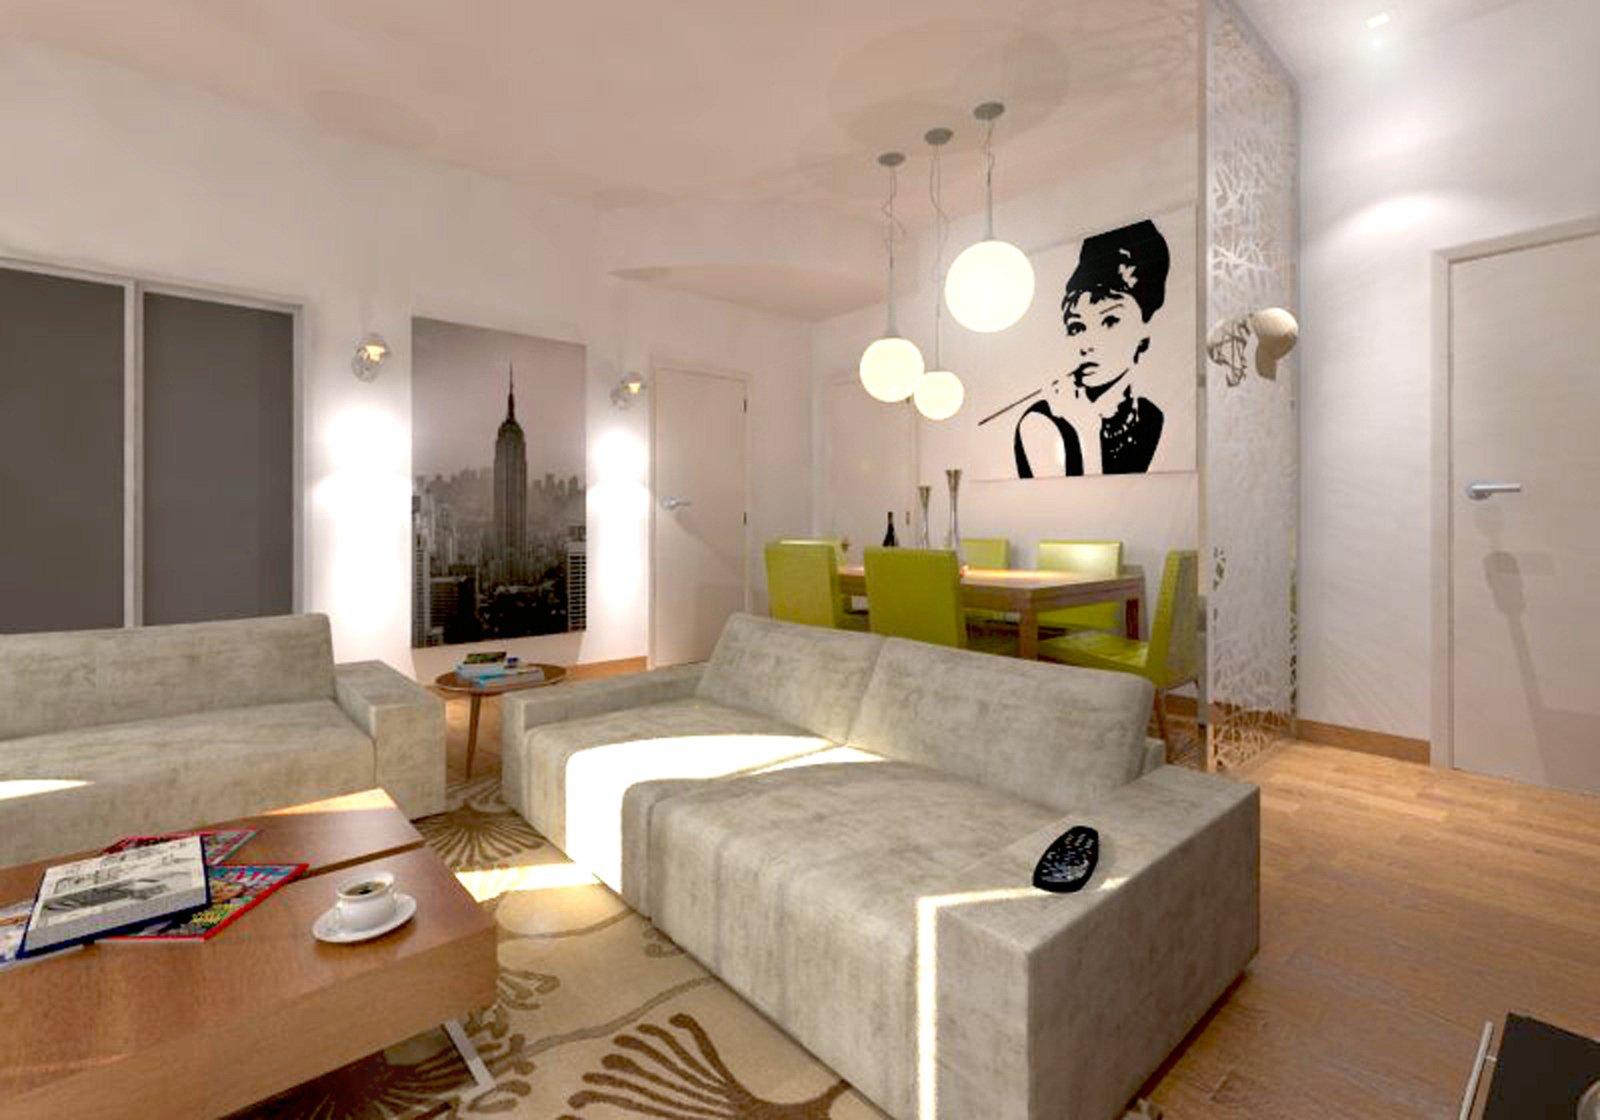 illuminazione moderna luce led : ... Con Faretti : Illuminazione parete soggiorno luce led palermo progetti